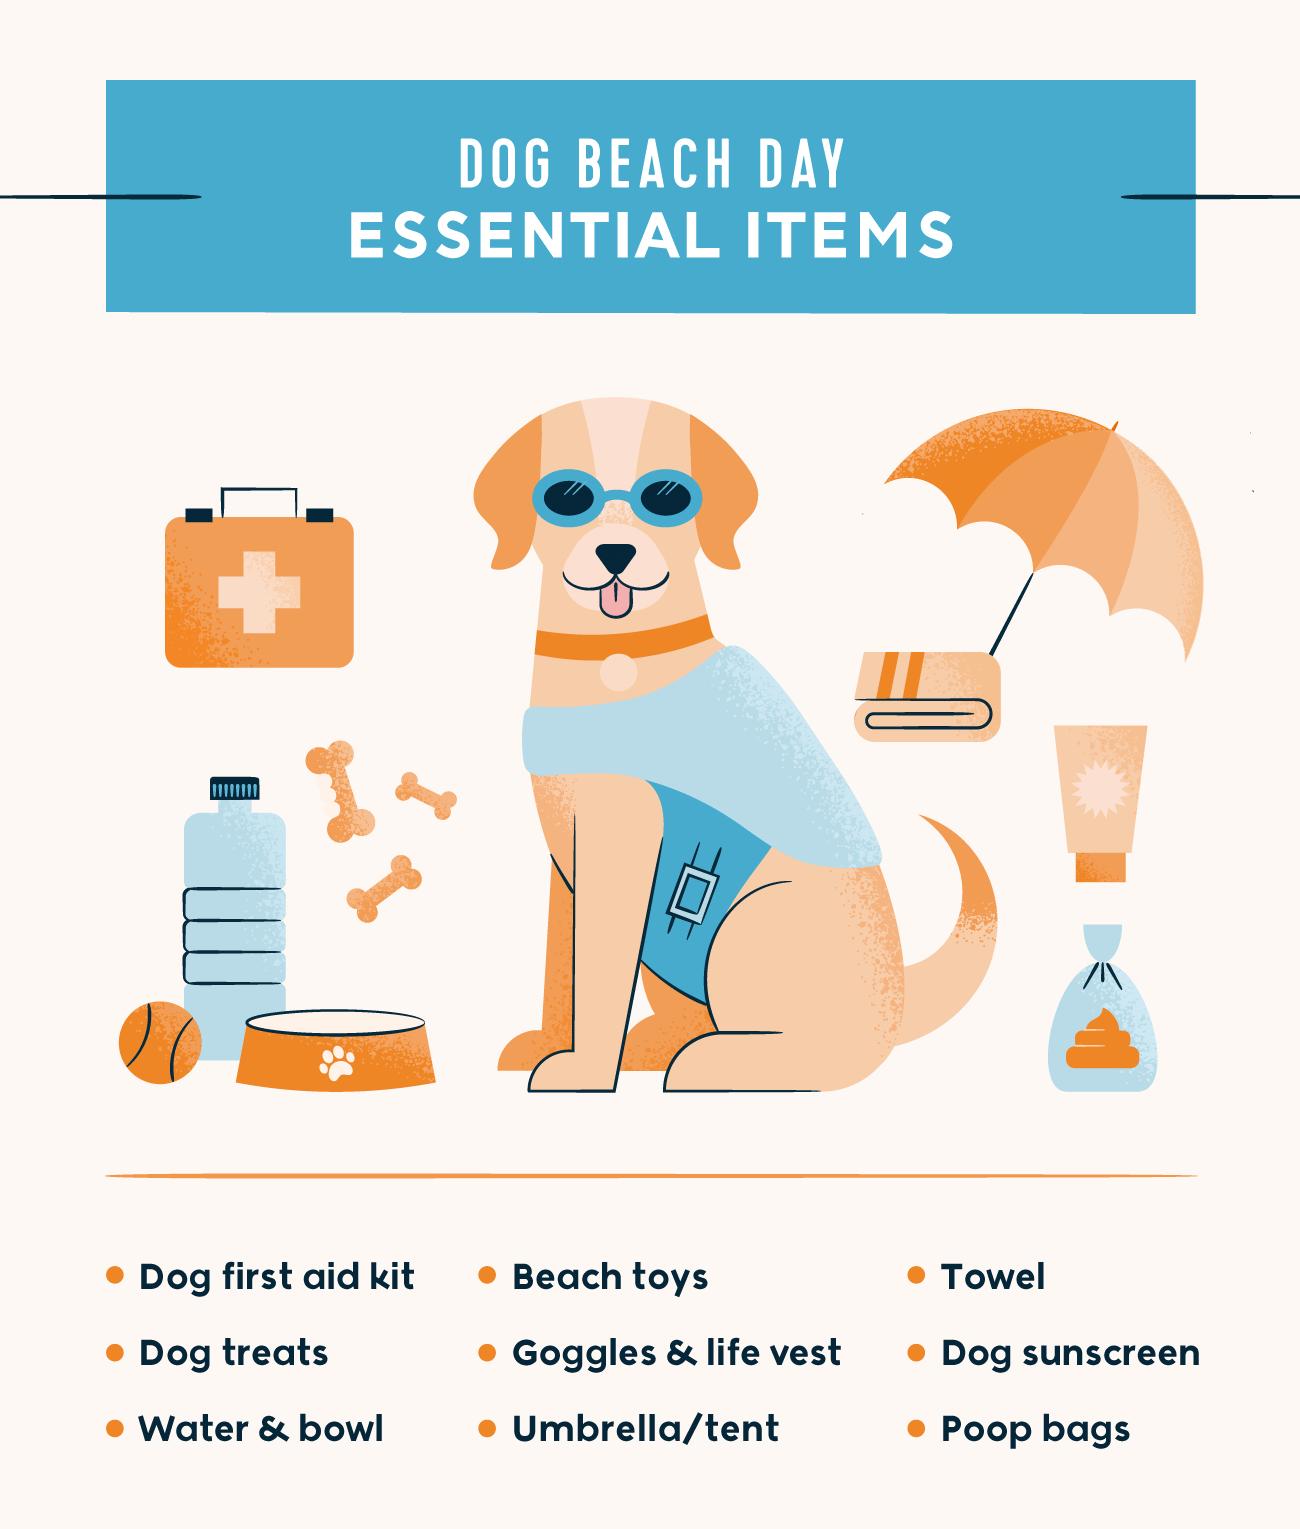 dog beach day essential items